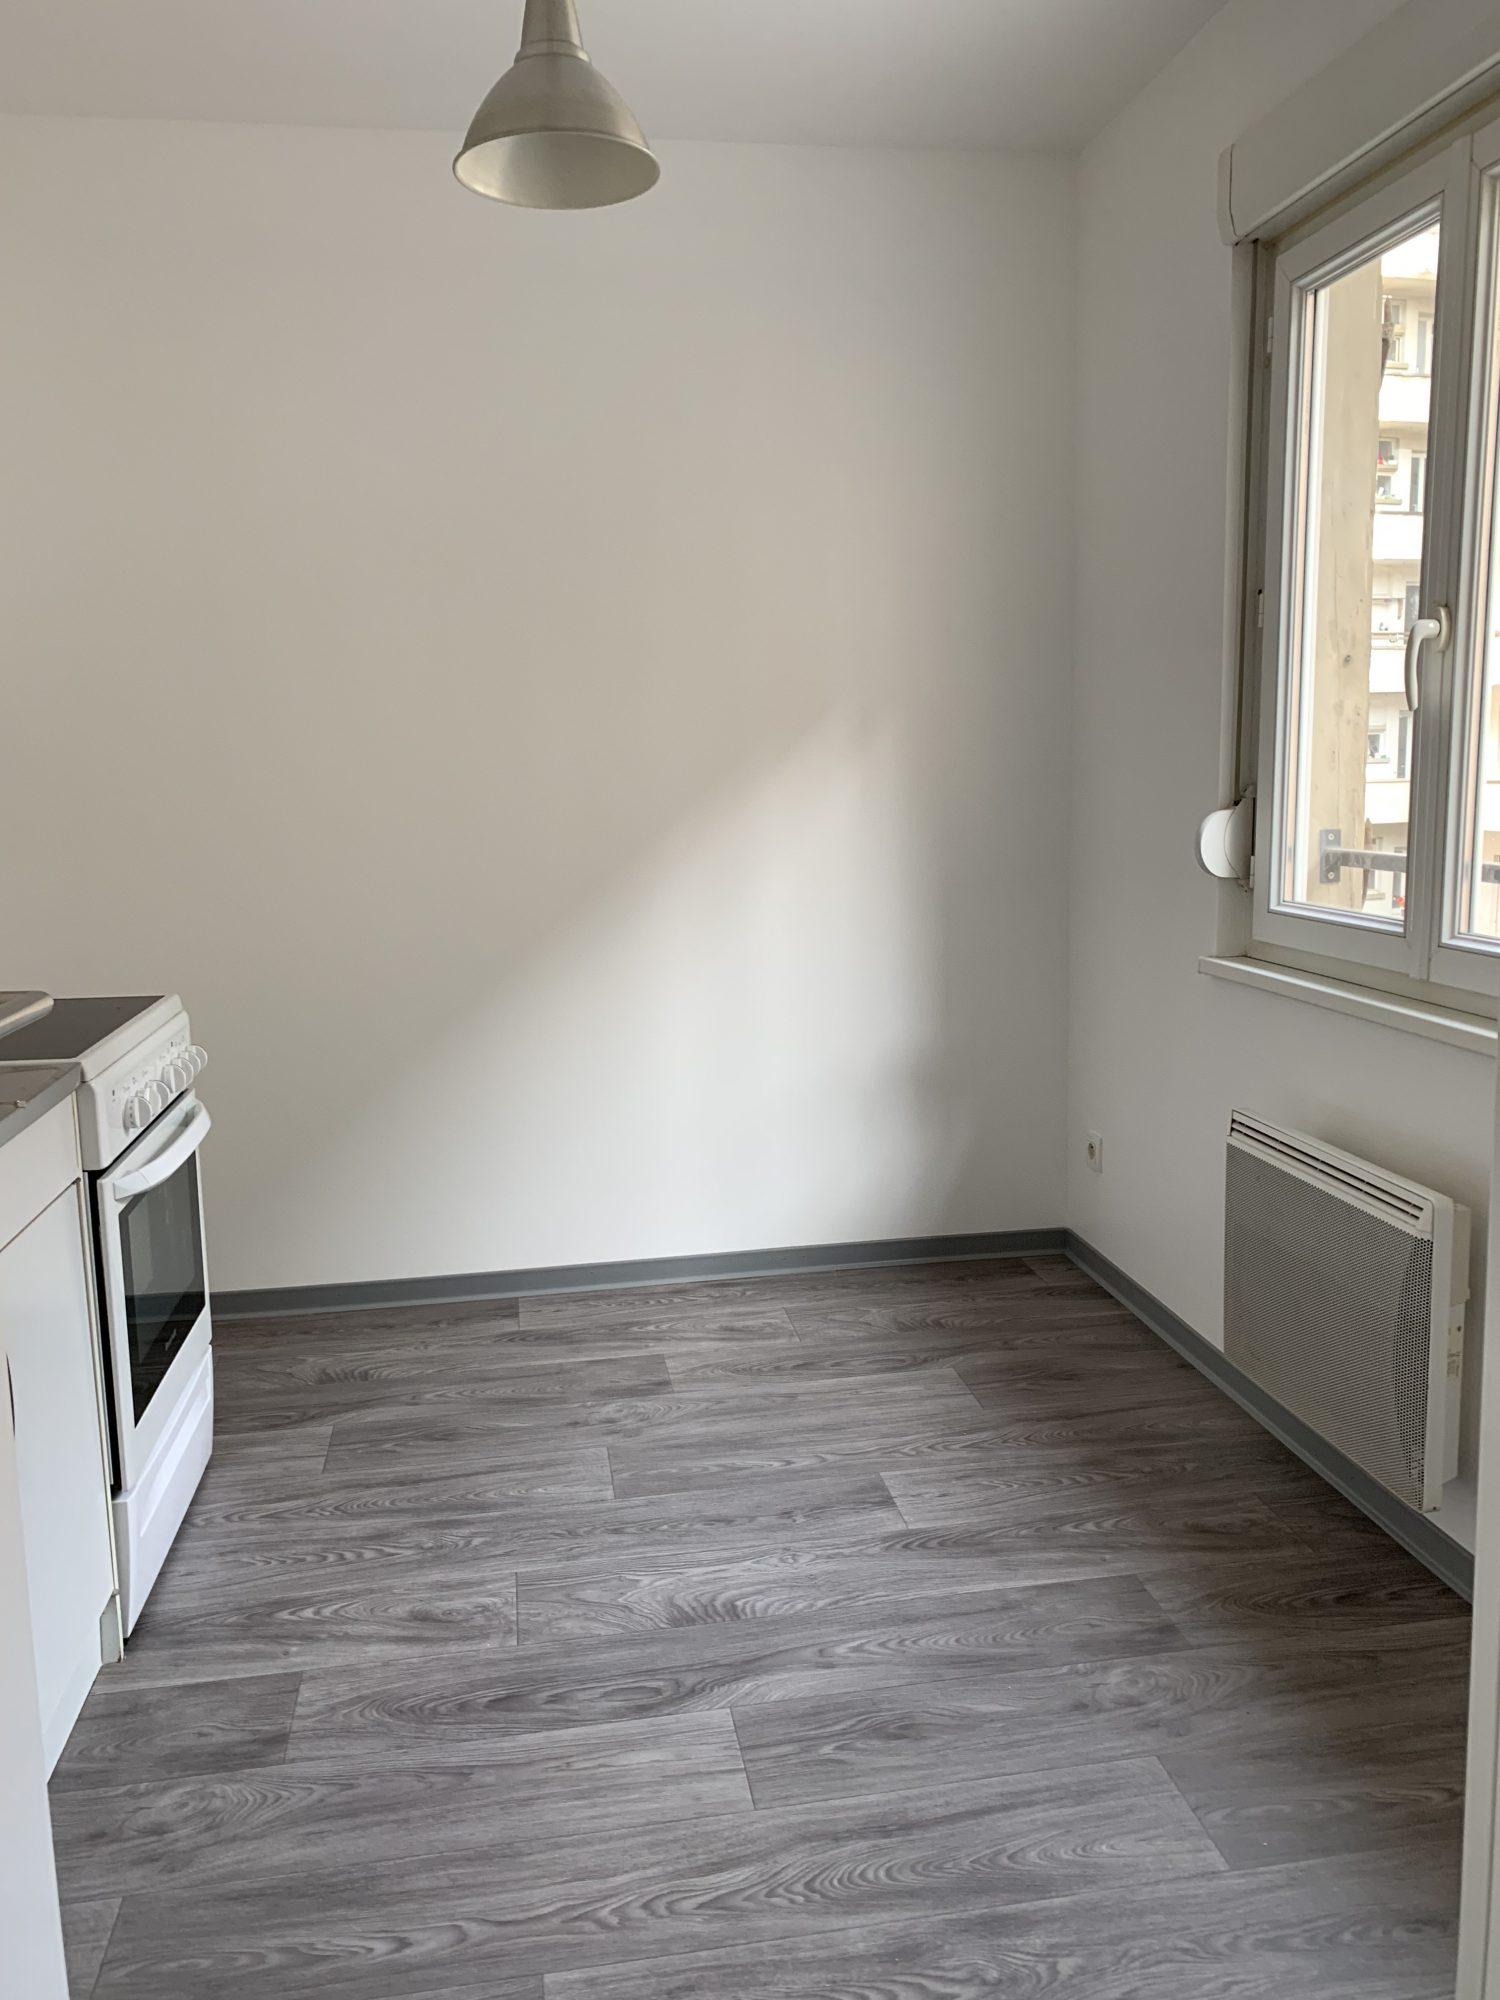 T2 HYPER CENTRE - Devenez locataire en toute sérénité - Bintz Immobilier - 6